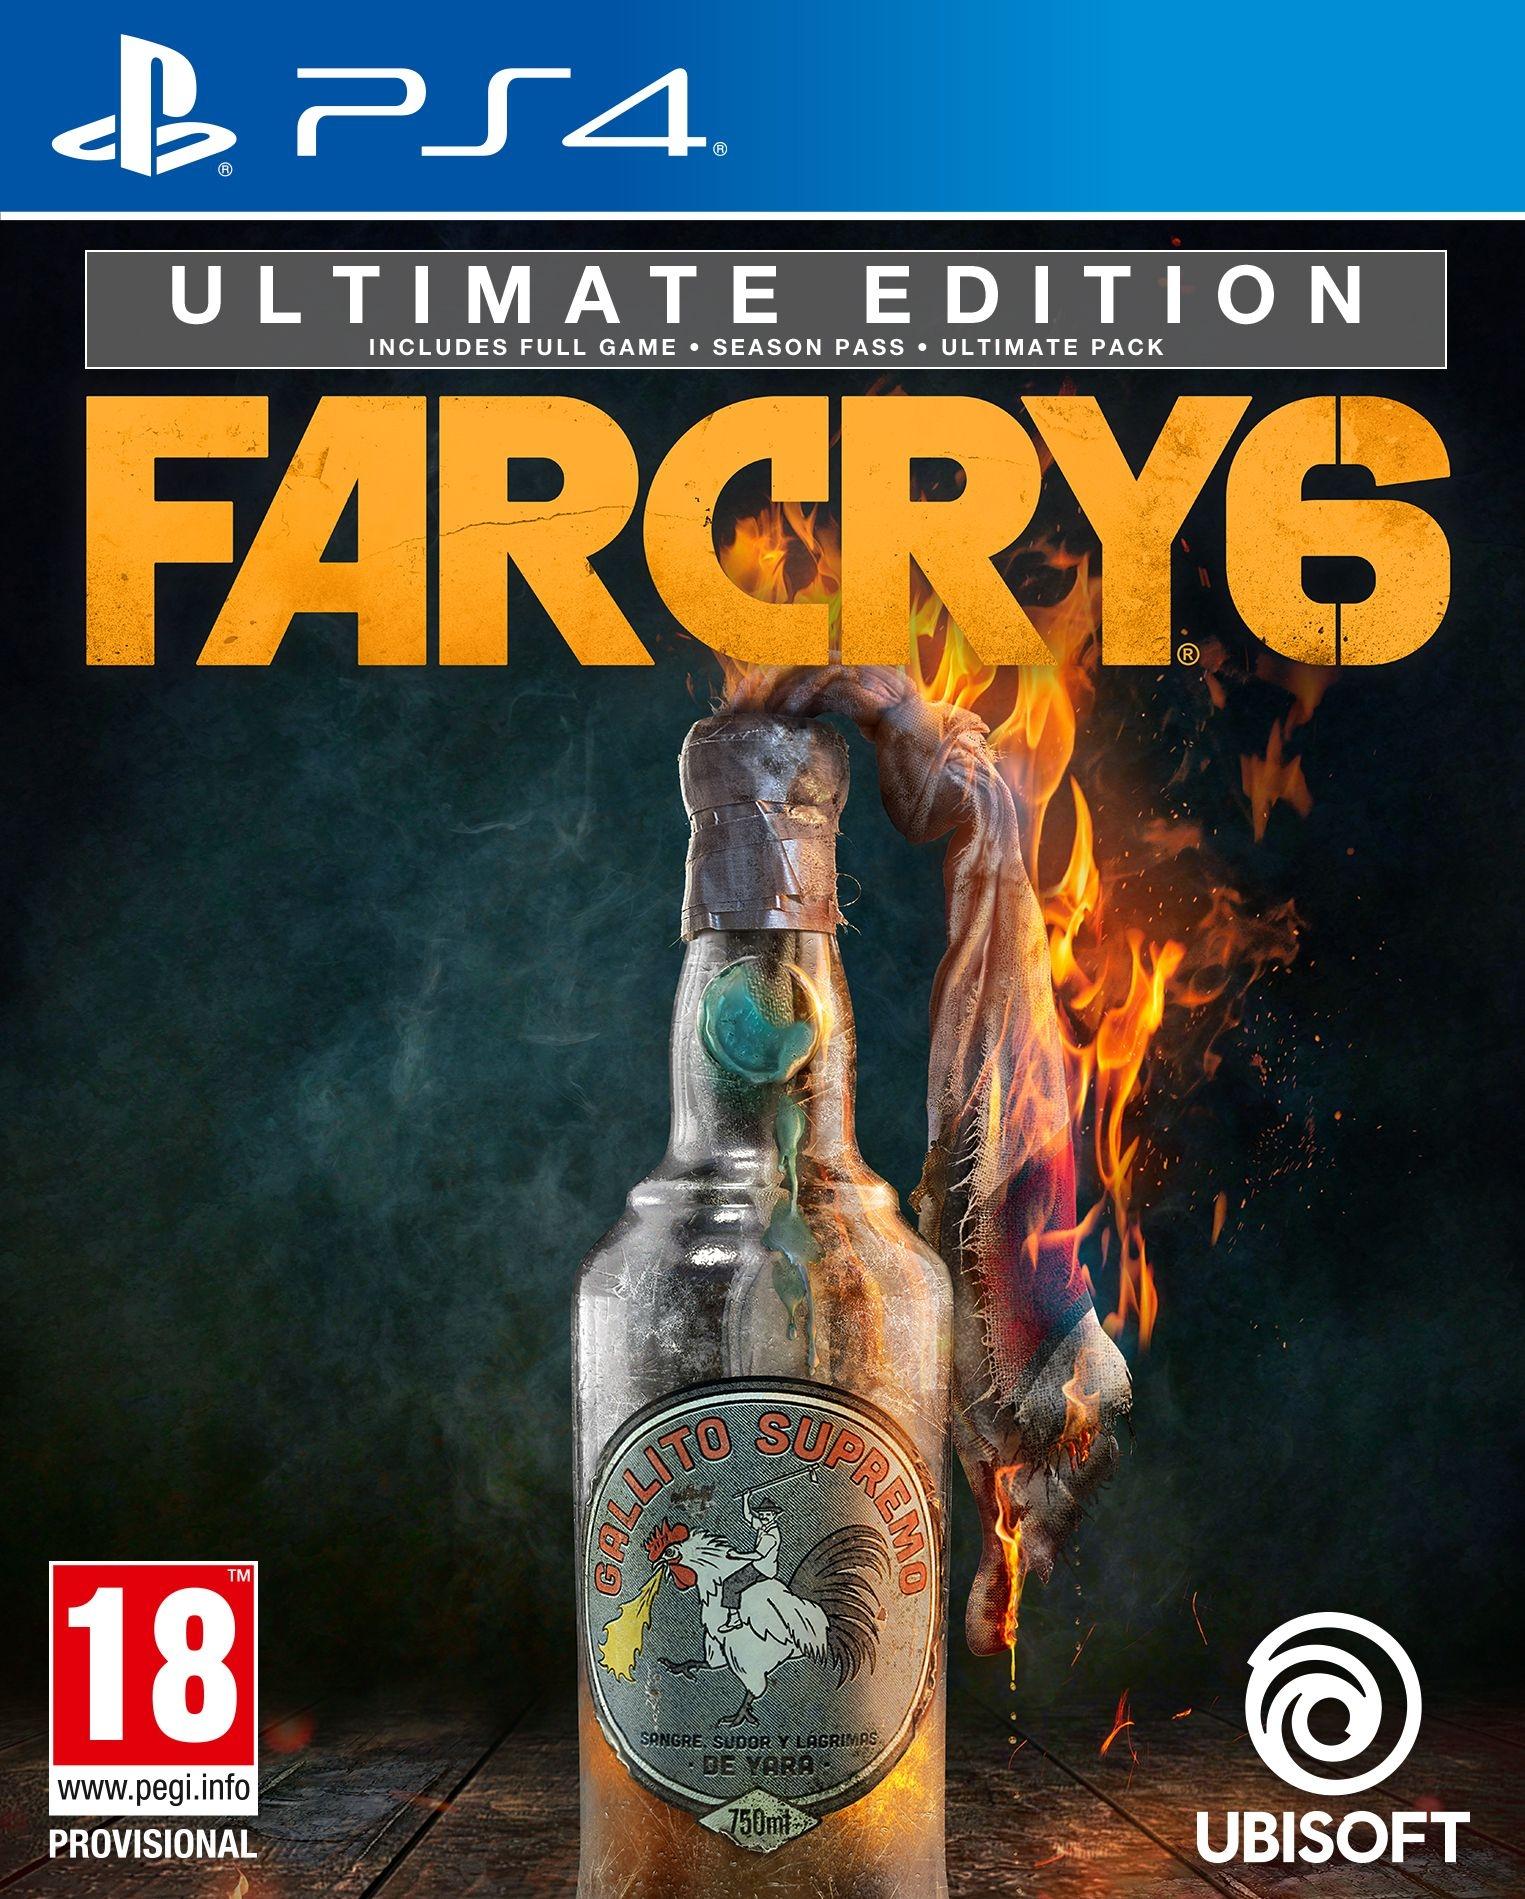 PS4 Far Cry 6 Ultimate Edition + Pre-Order Bonus